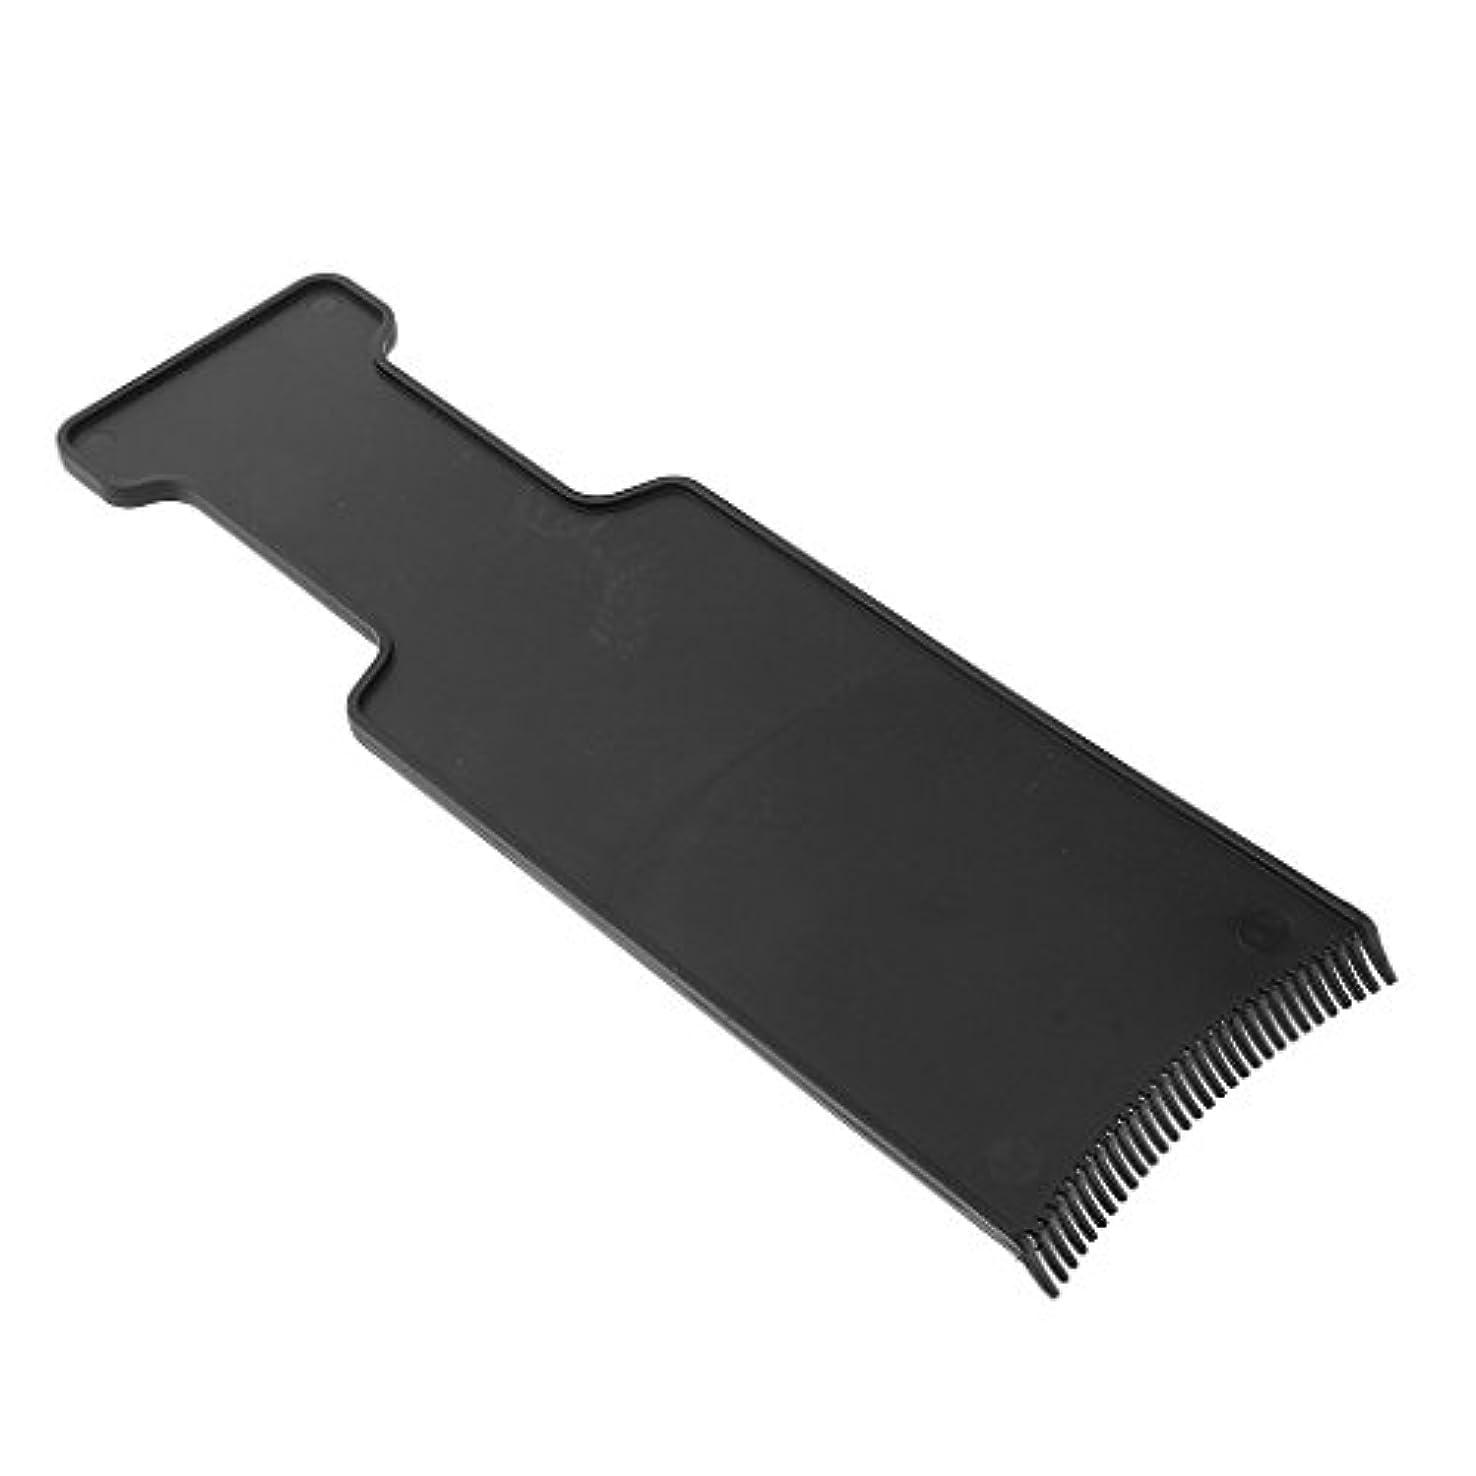 アーティストヘルメット指標Homyl ヘアカラー ボード 染色 ツール ブラック 全4サイズ - M